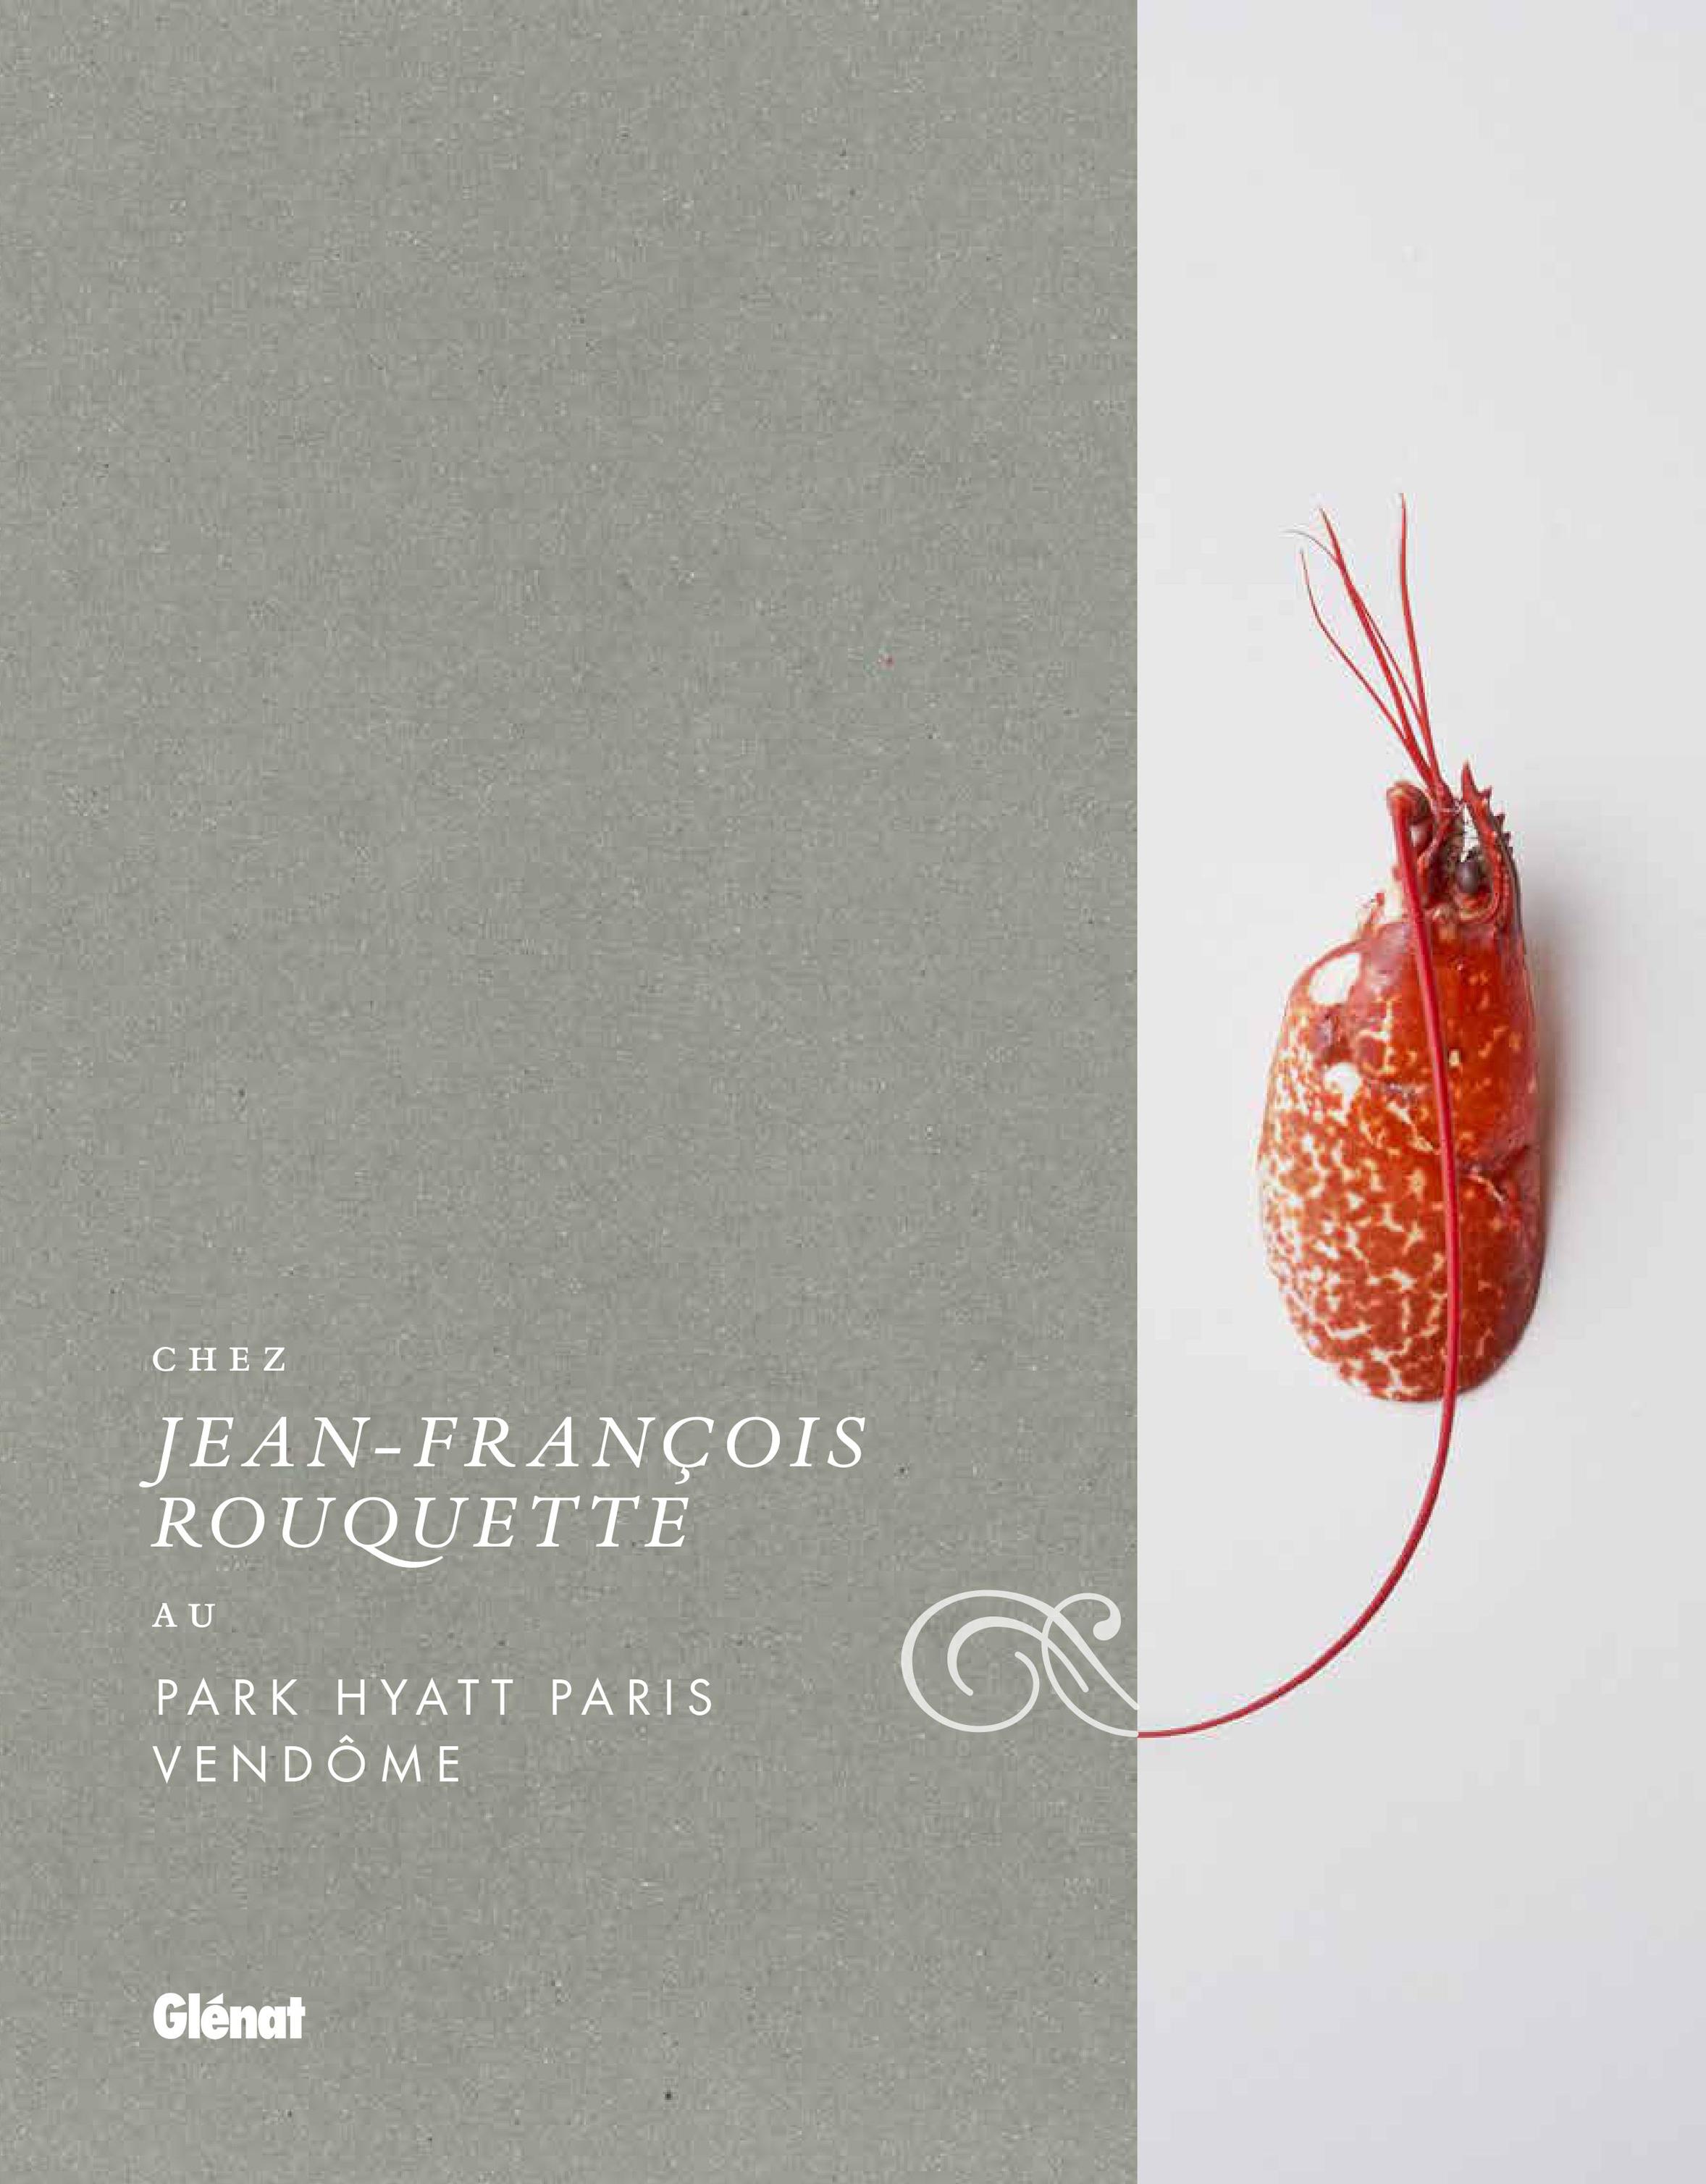 Livre Jean-François Rouquette - Hôtel 5* Park Hyatt Paris-Vendôme